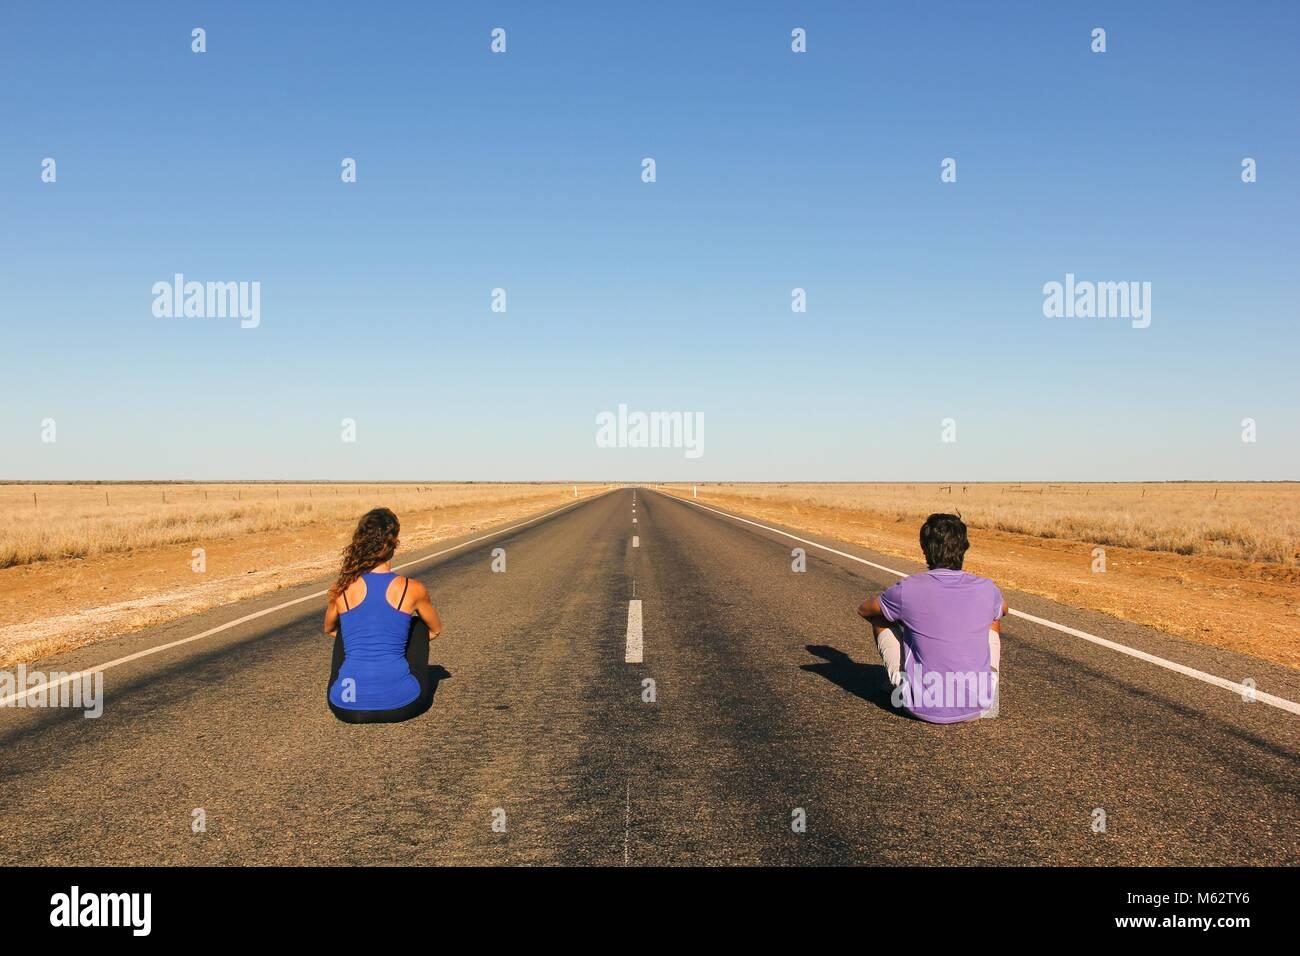 Jeune couple de derrière assis sur une ligne droite sans fin à vide, au milieu de nulle part dans l'arrière Photo Stock